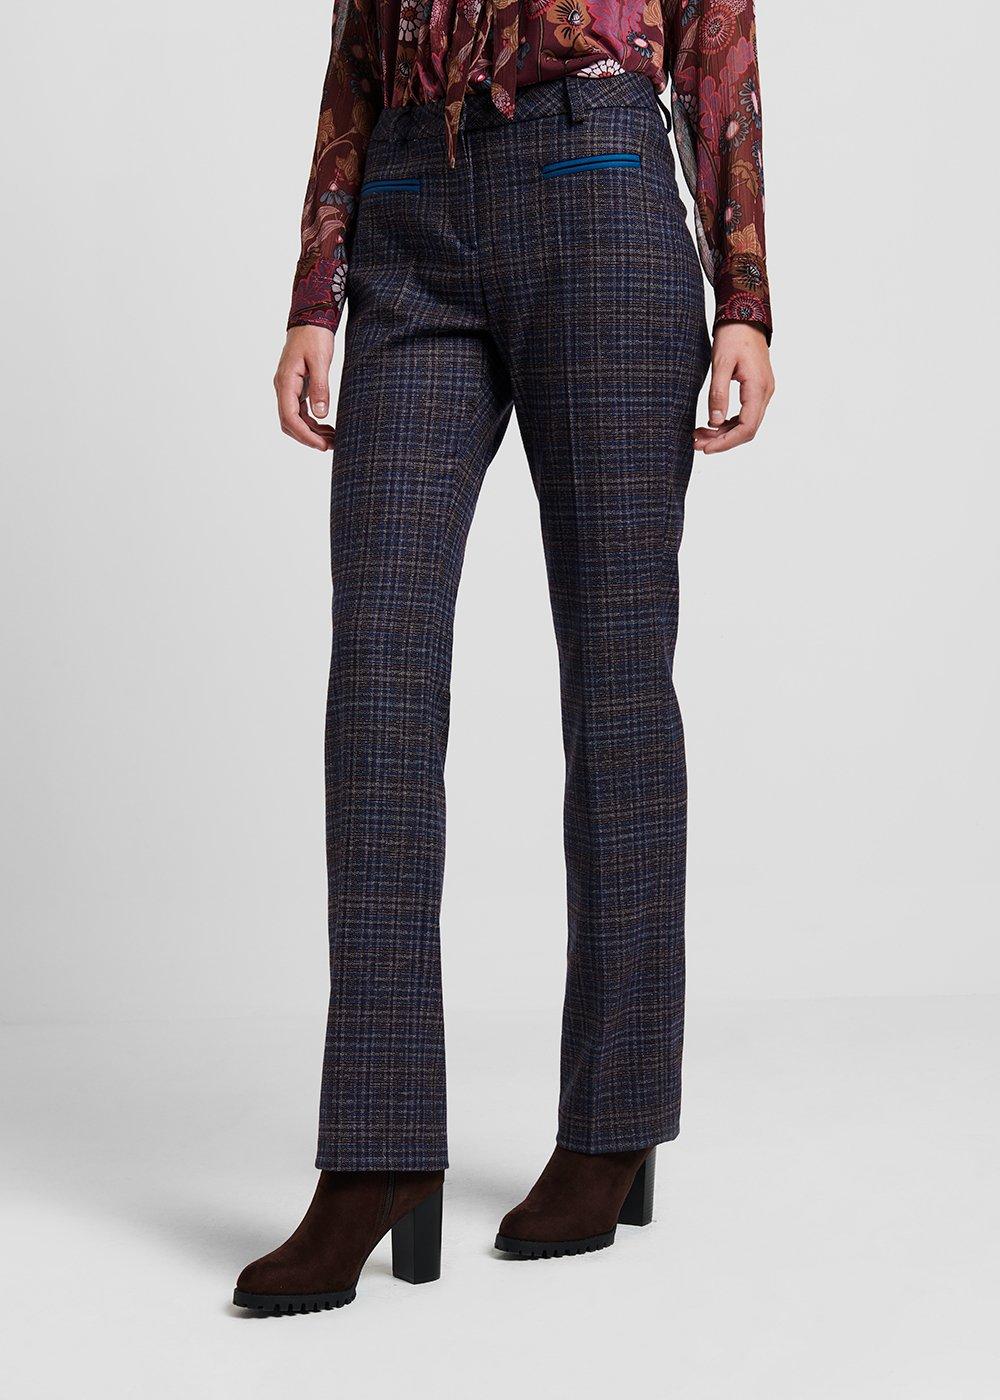 Miranda C trousers in check fabric - Marrone / Pavone Fantasia - Woman